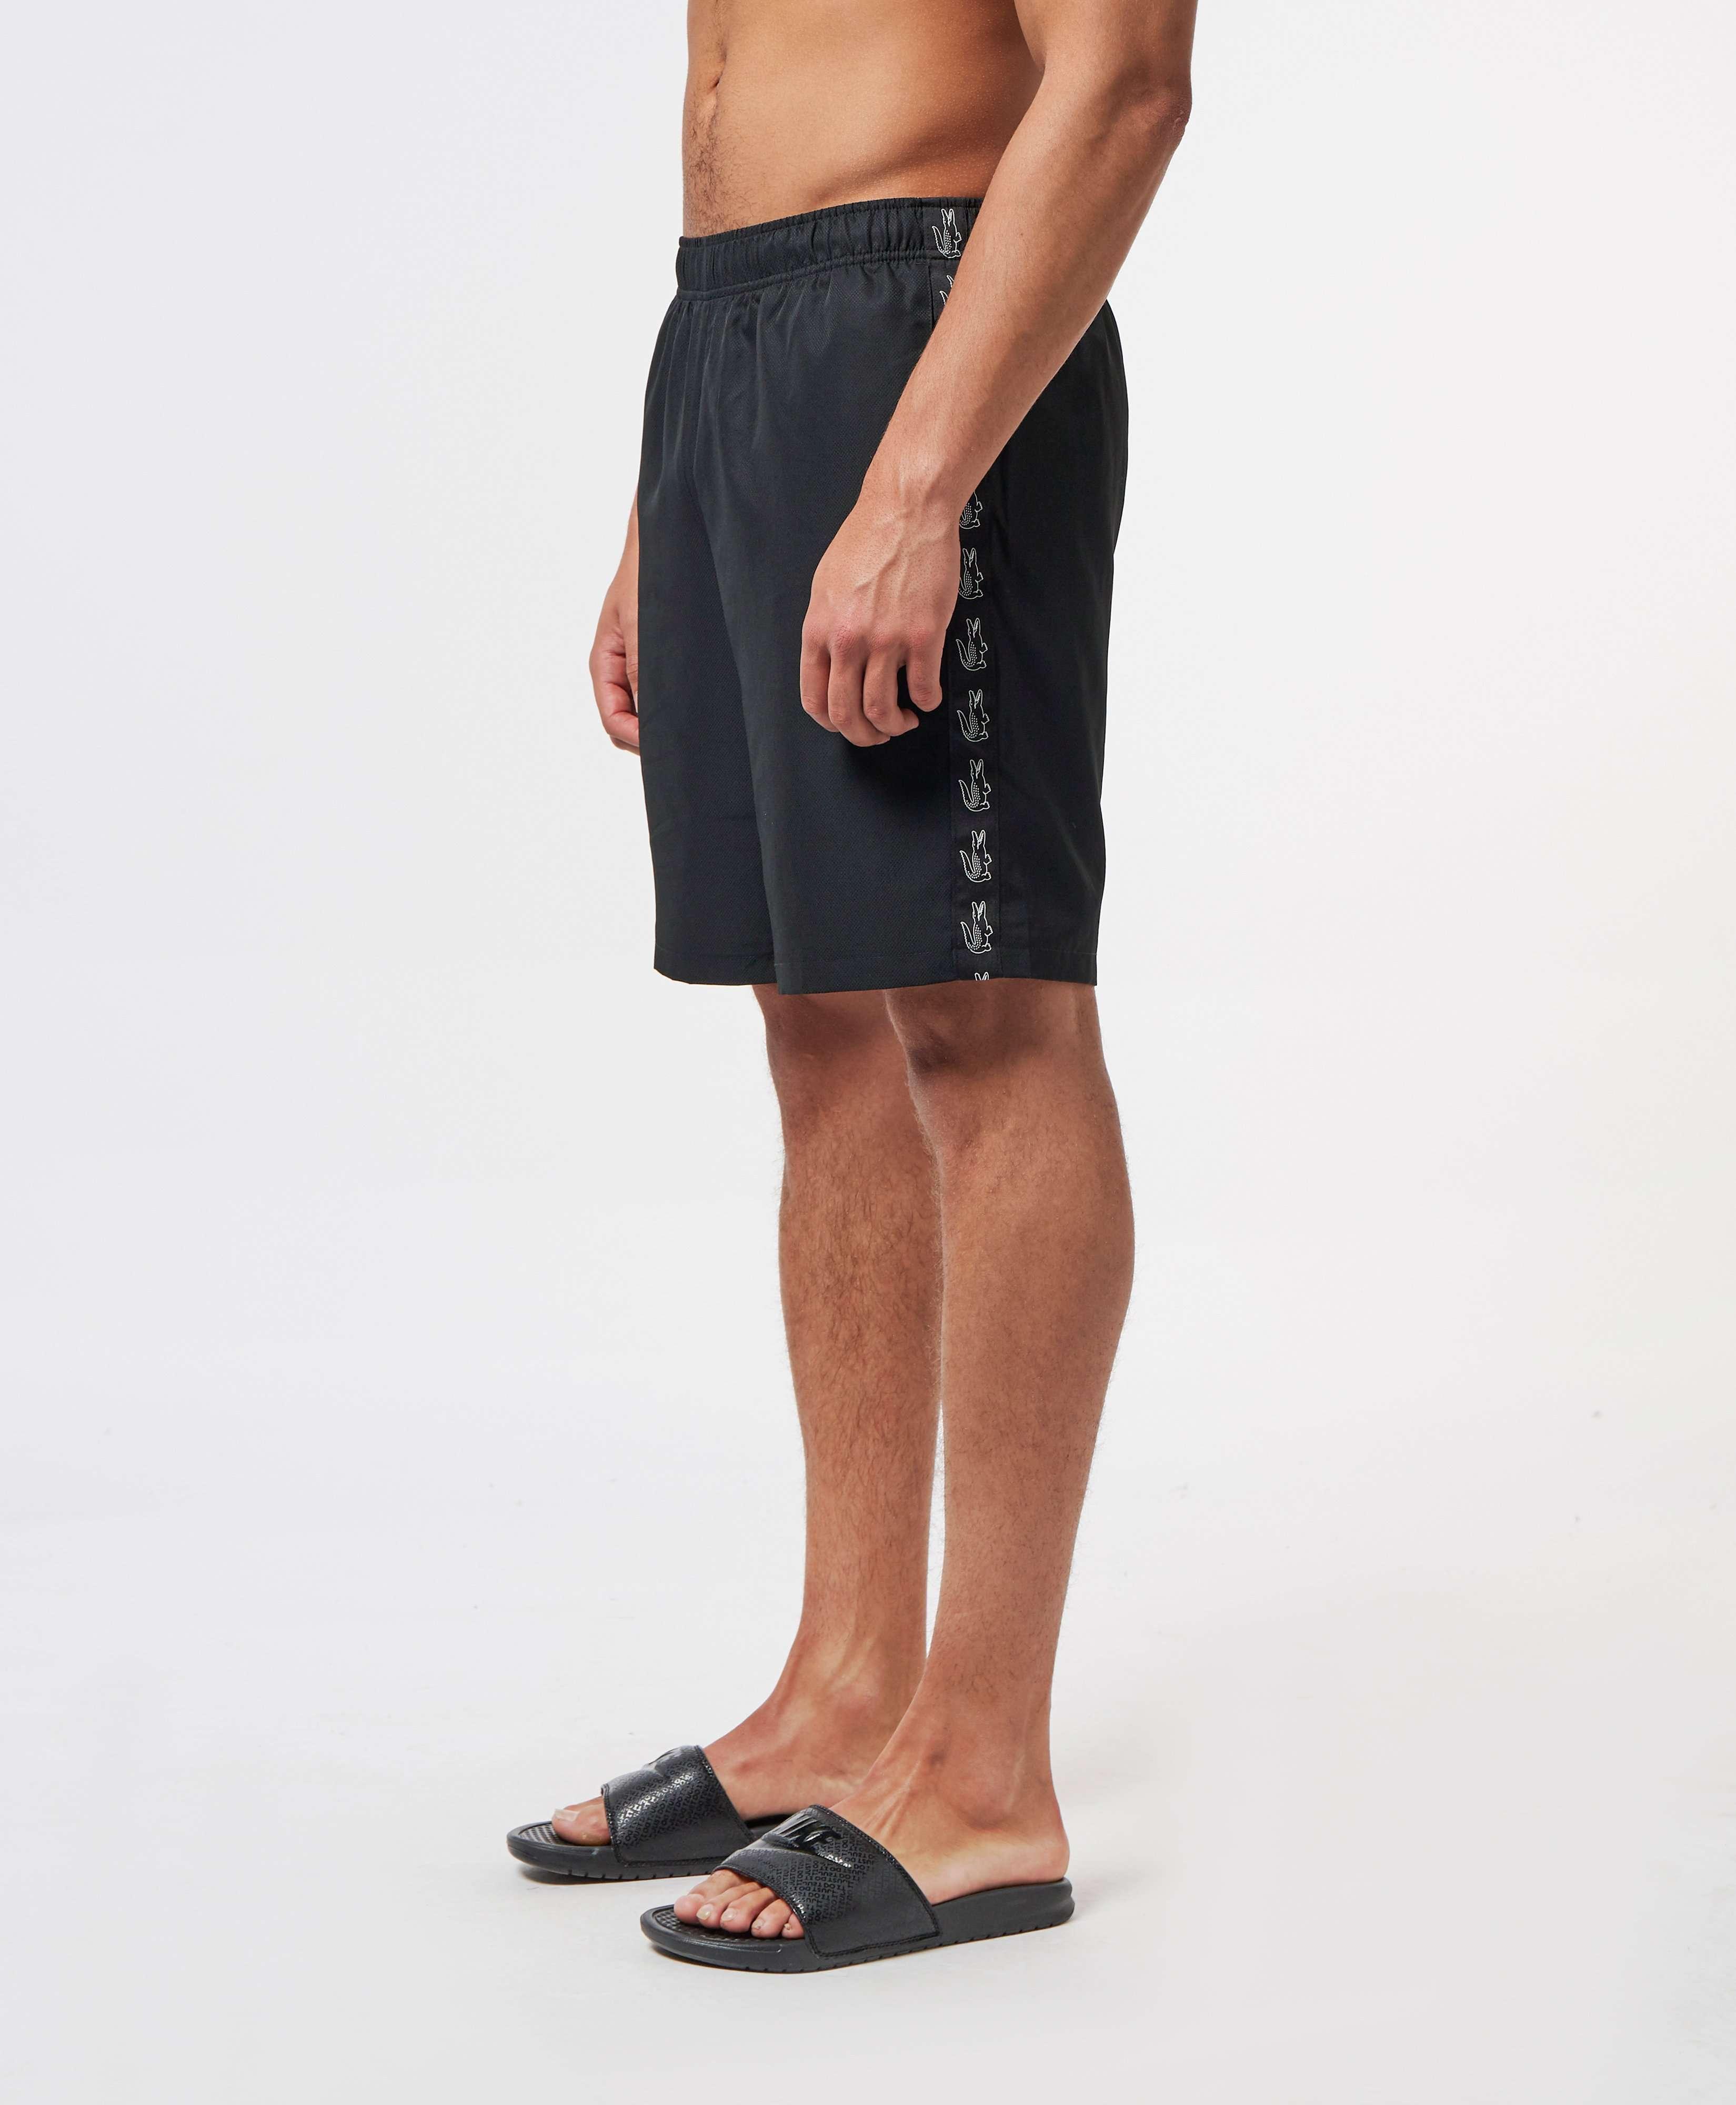 Tape ShortsScotts Tape Lacoste Menswear Lacoste ShortsScotts Menswear Lacoste n08OkXwP